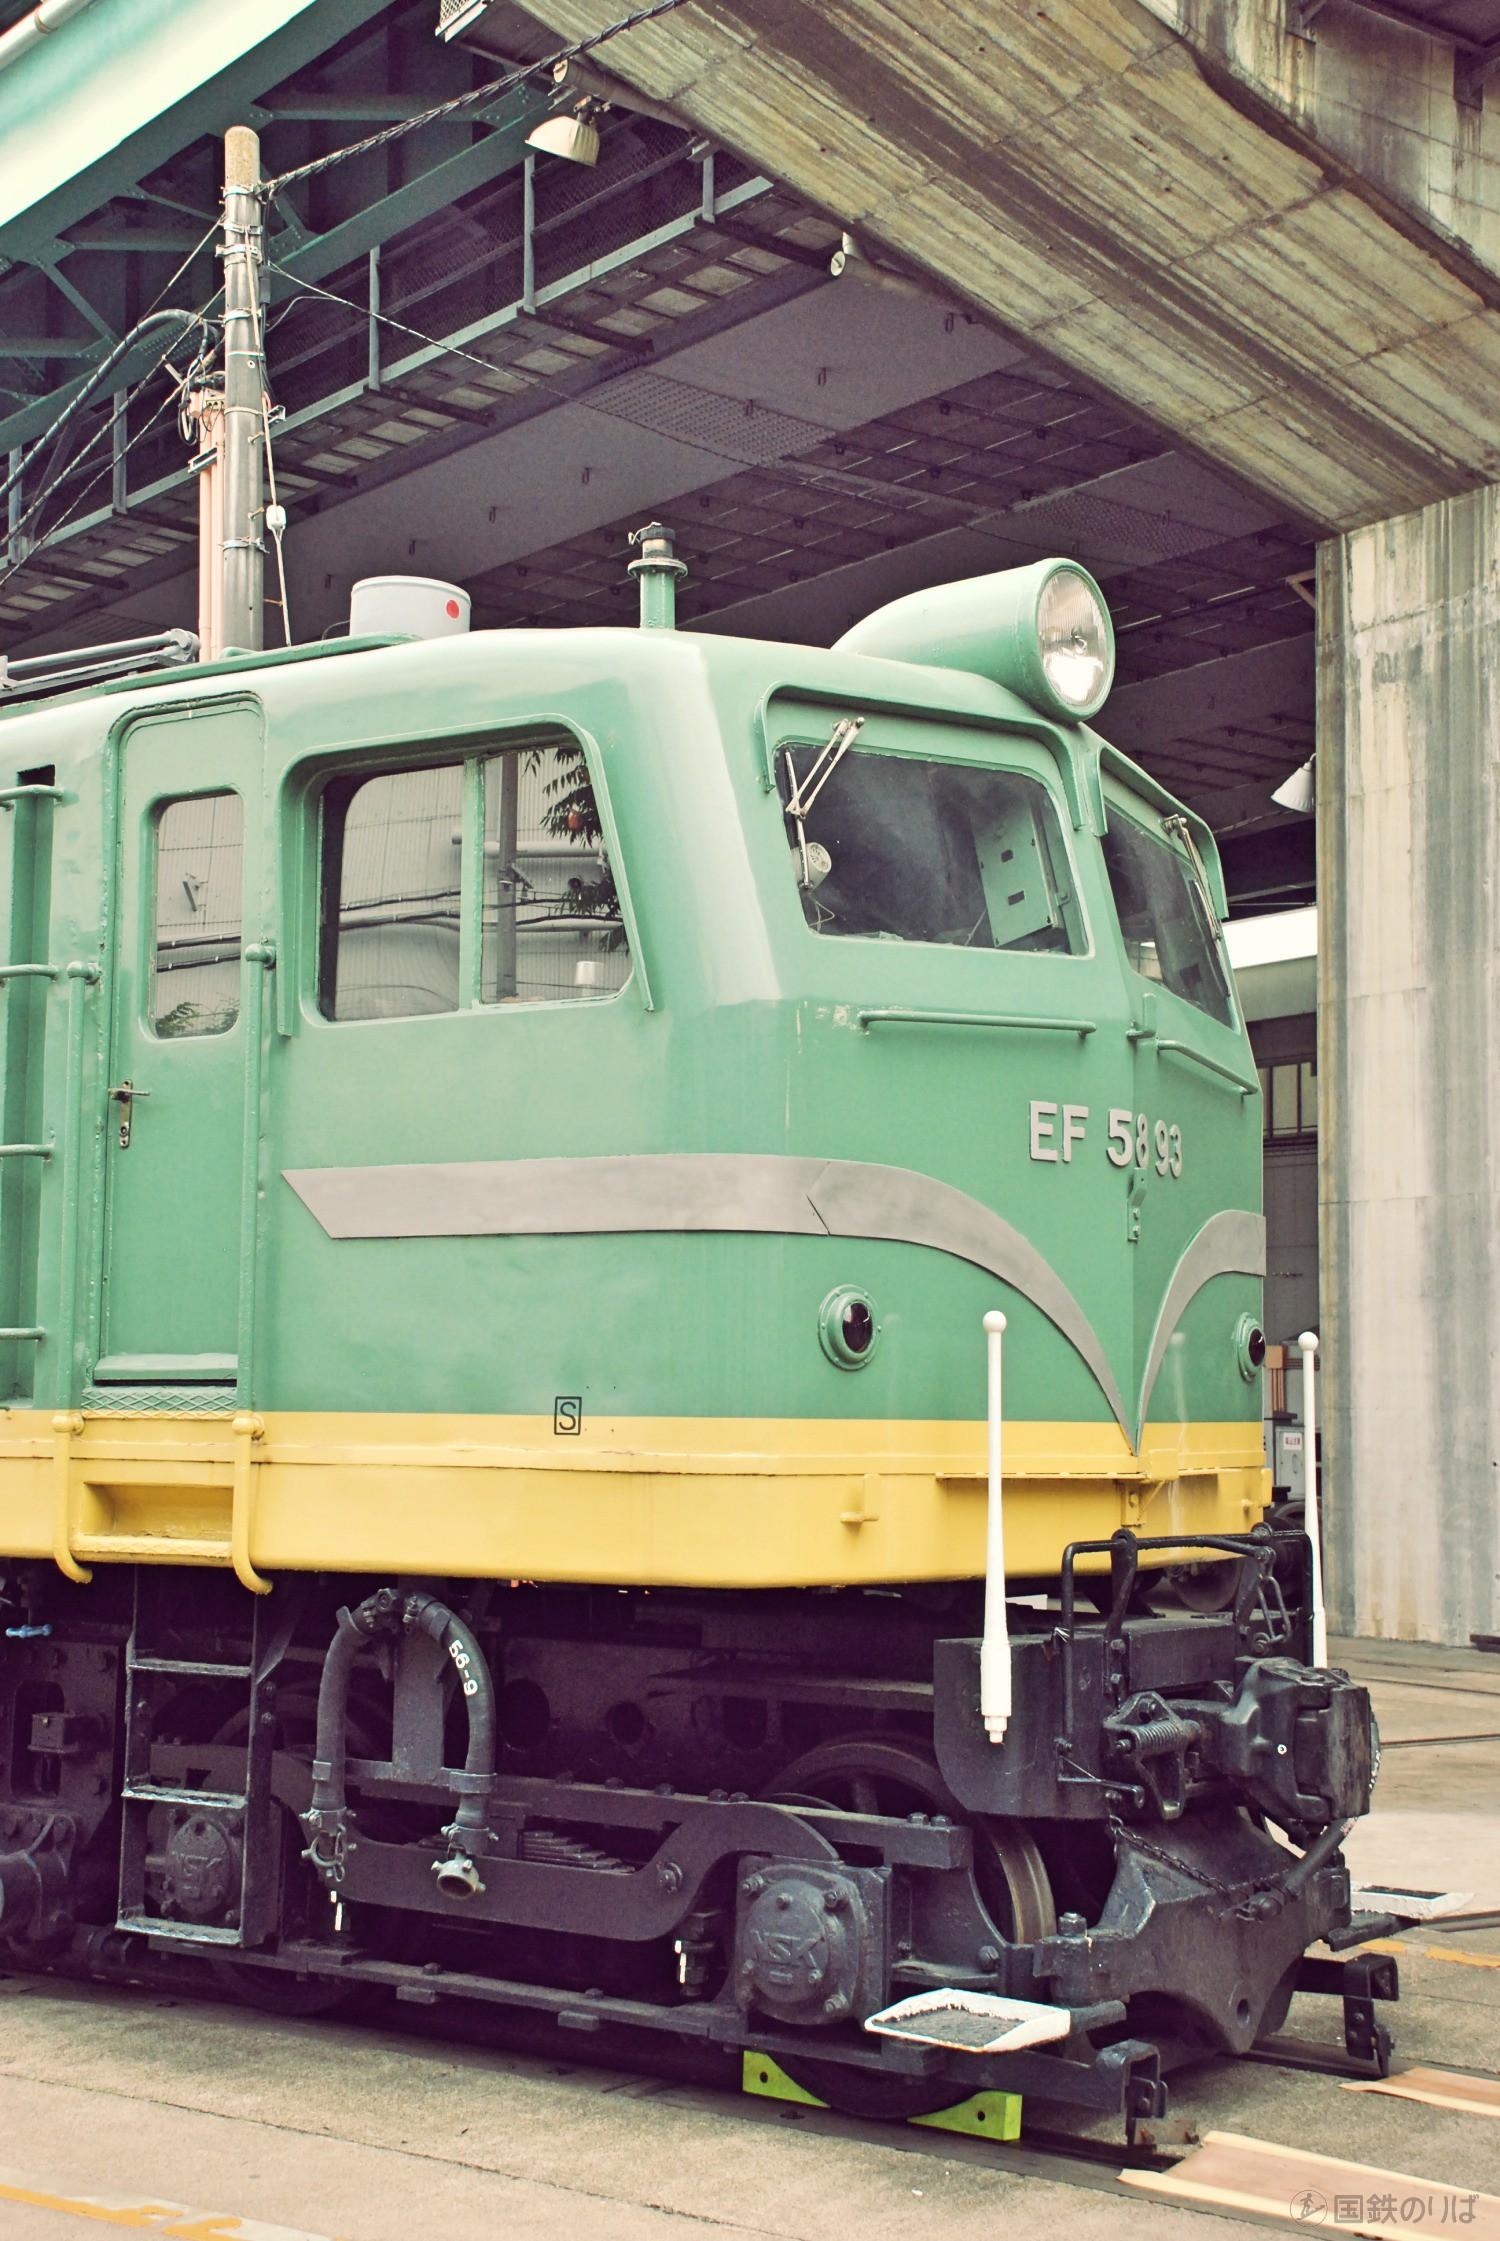 EF58-93号機2エンド側前頭部。